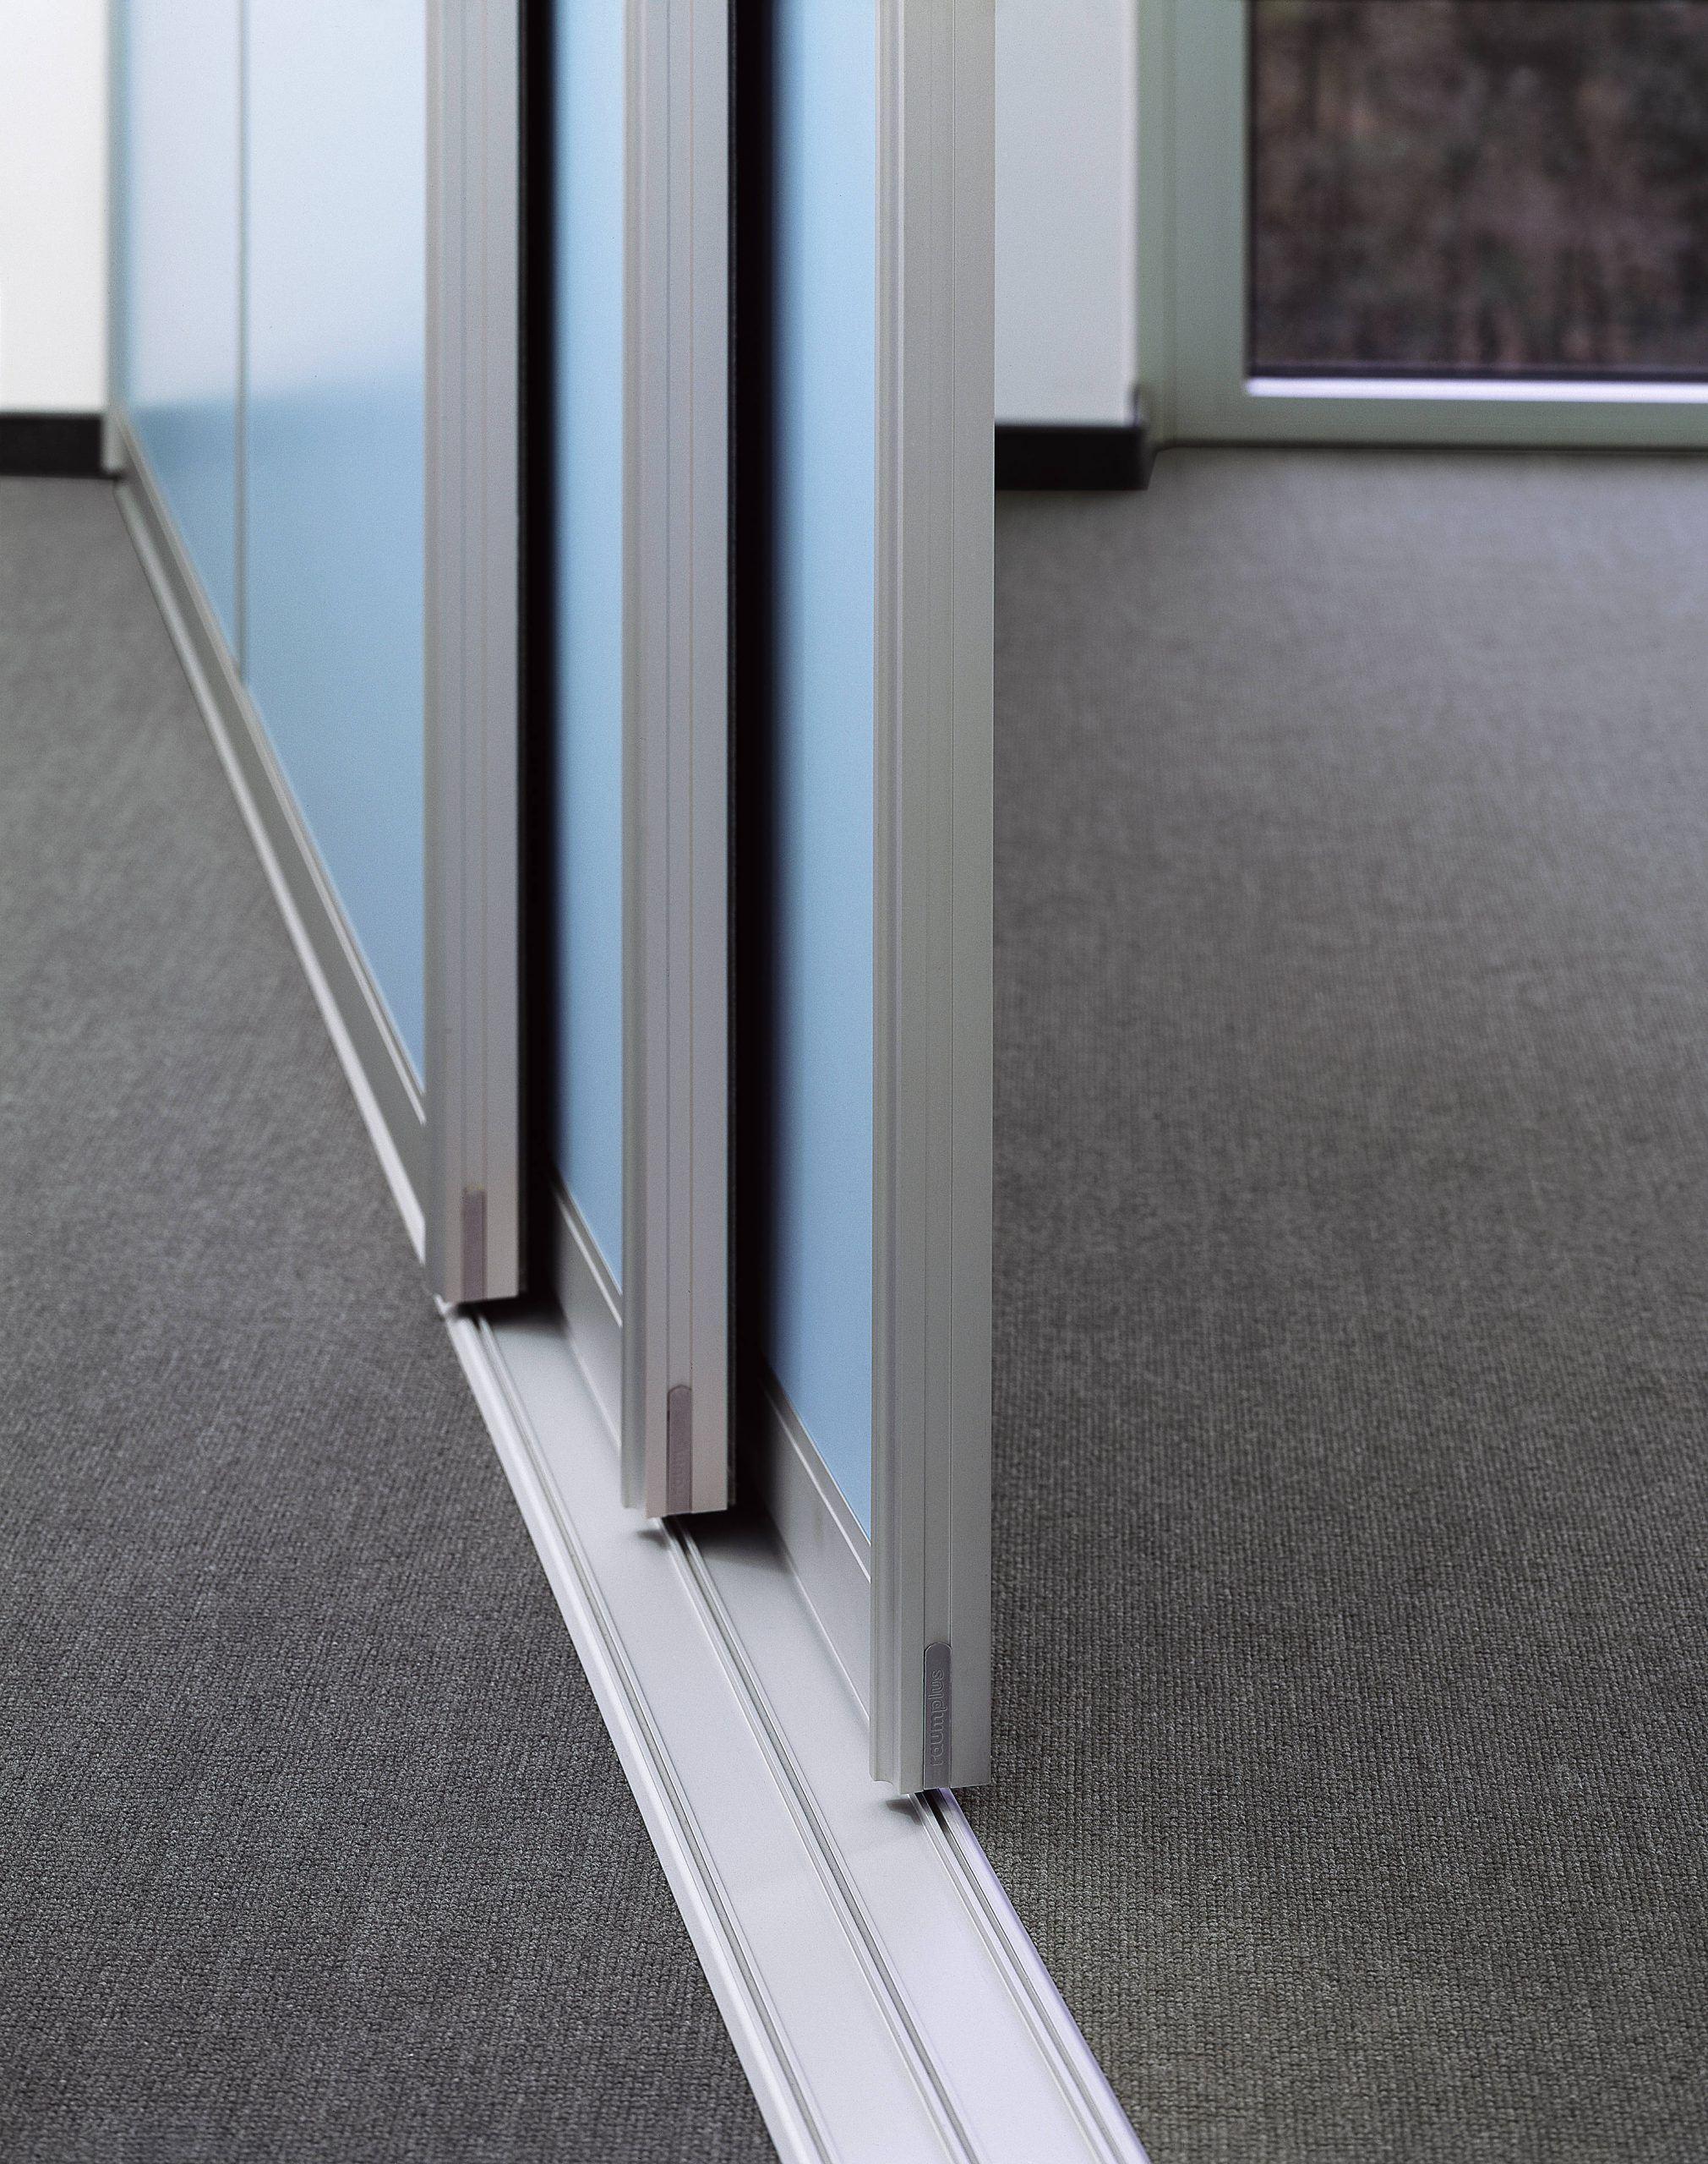 Система рельсового типа у раздвижных дверей.